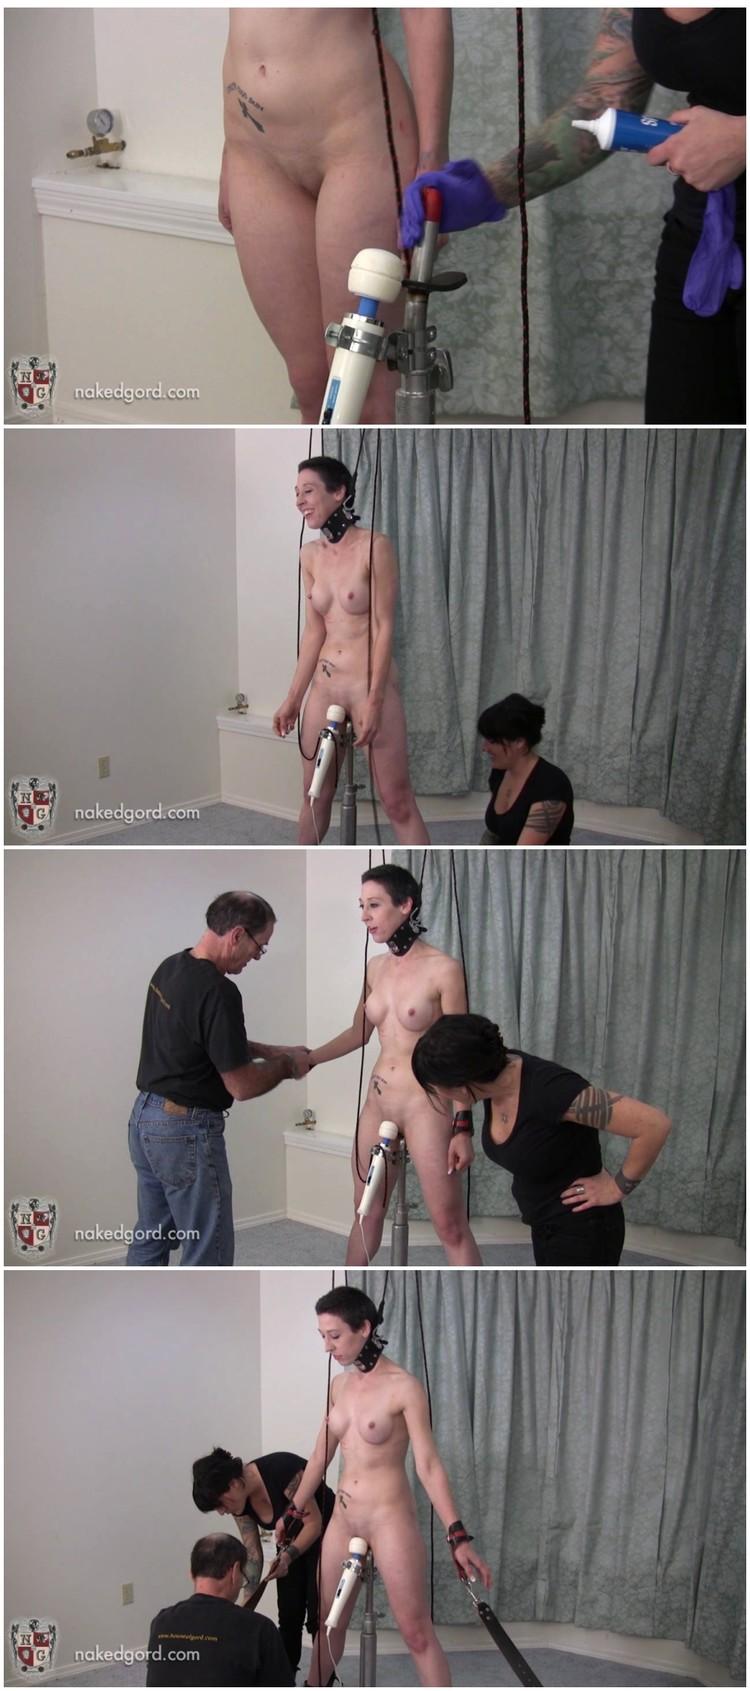 Nakedgord Bondage: 103,286